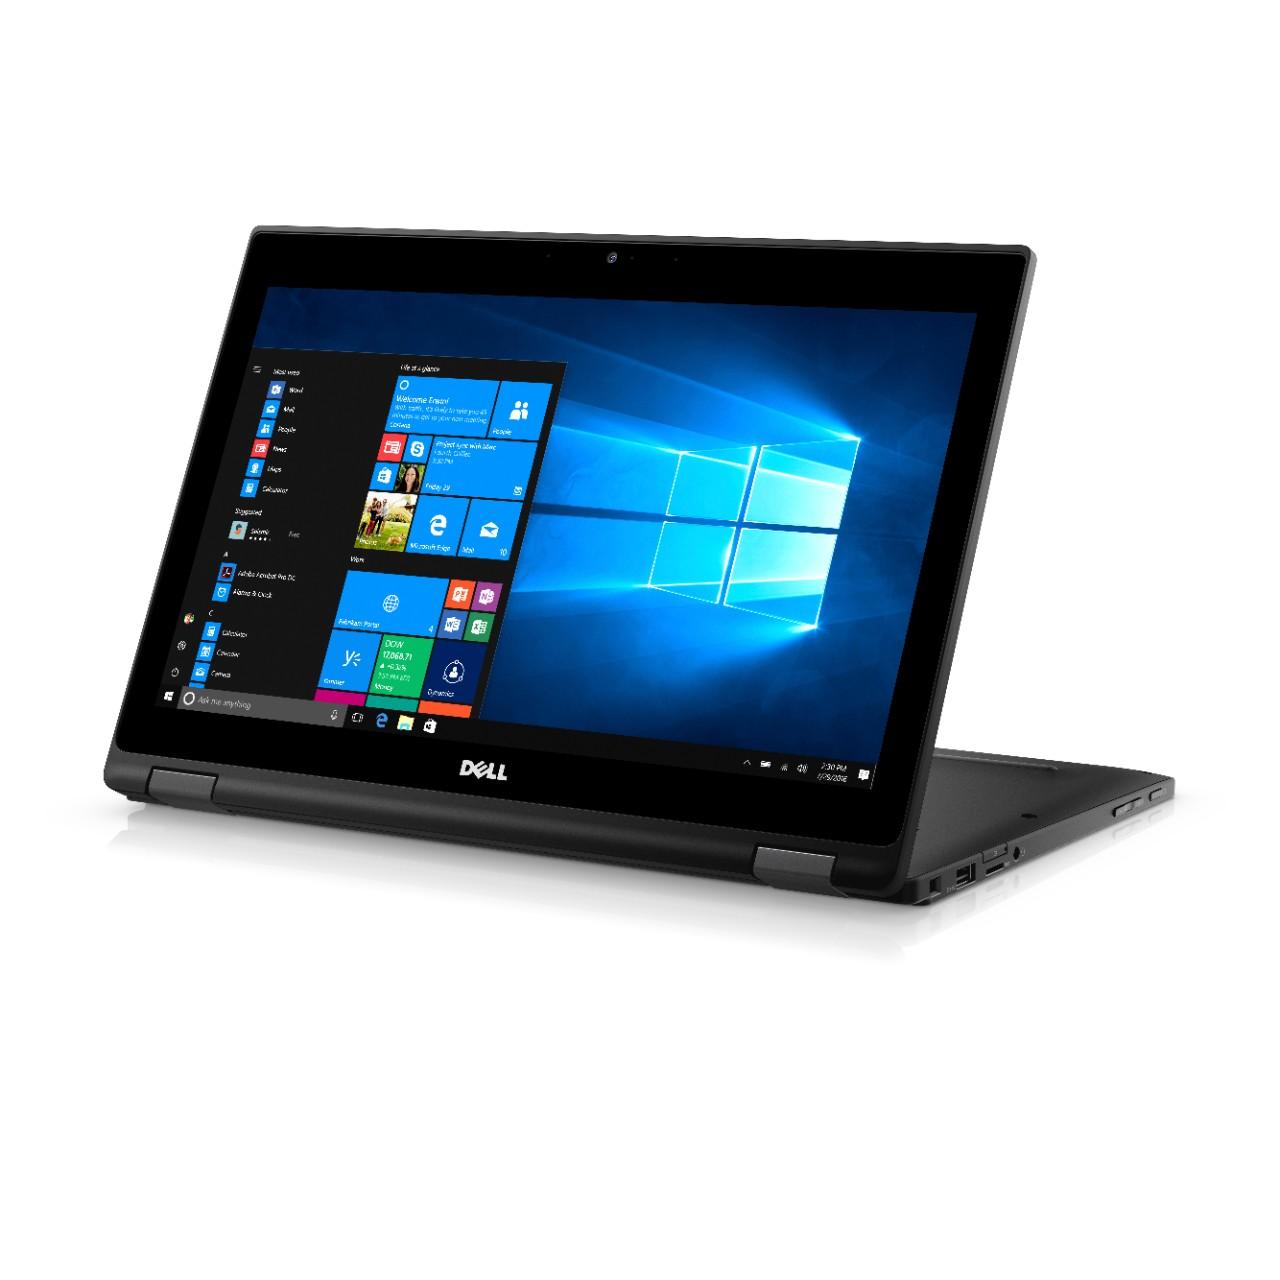 Megérkeztek az új, kétfunkciós Dell Latitude számítógépek - www.itfroccs.hu